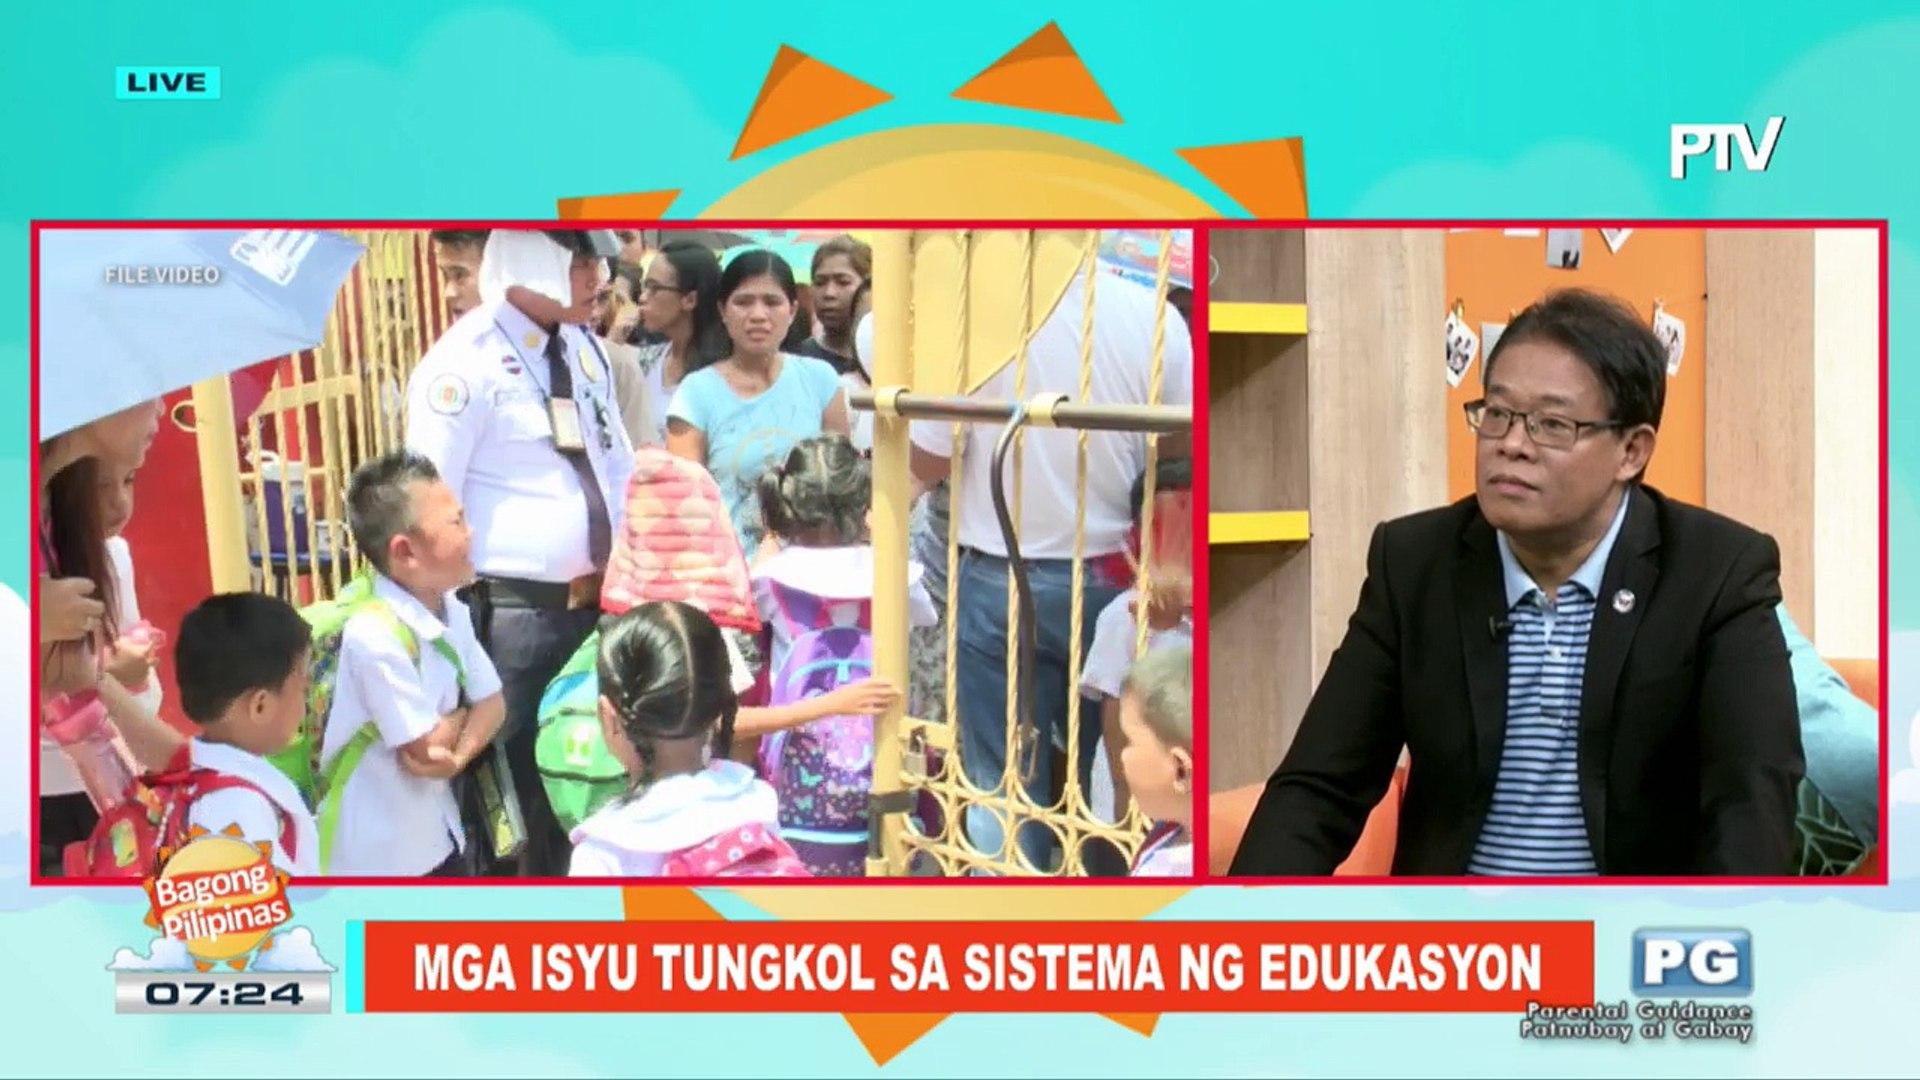 ON THE SPOT: Mga isyu tungkol sa sistema ng edukasyon